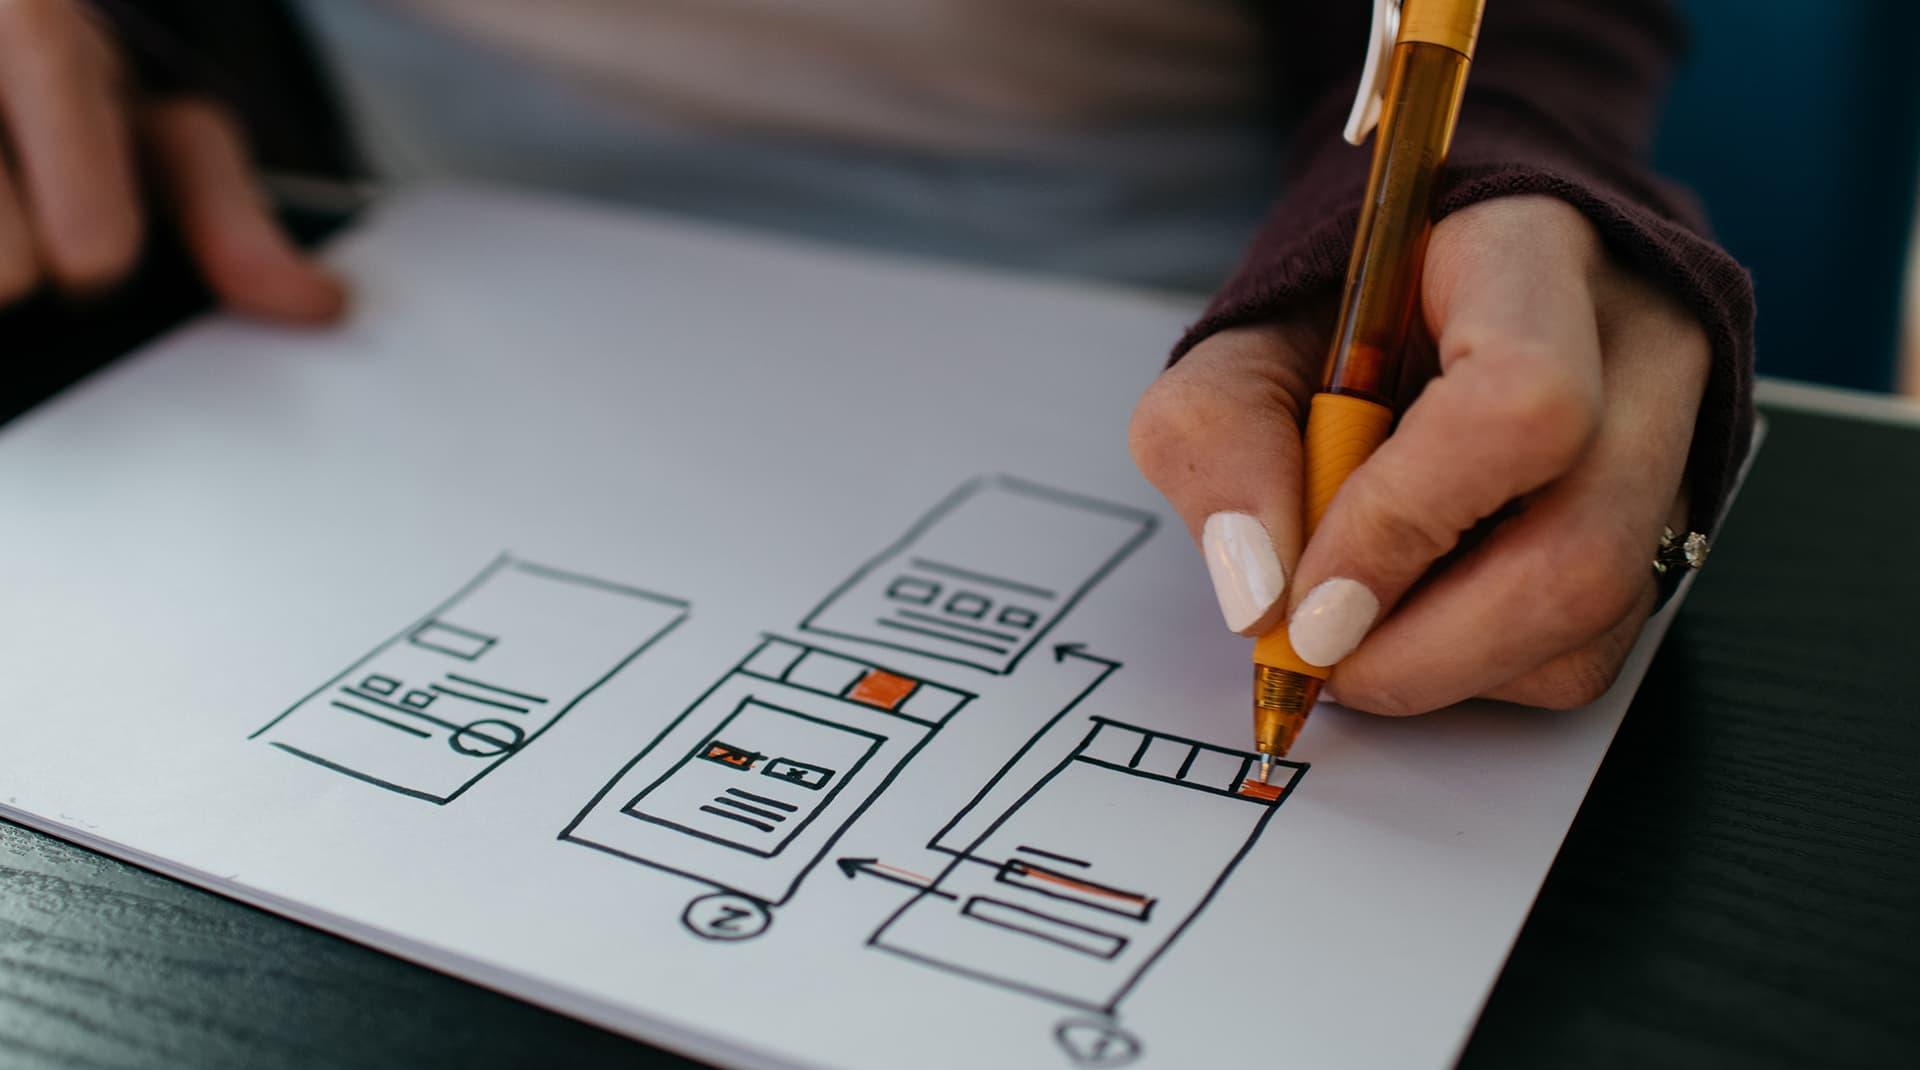 18 вопросов о разработке сайта: все, что нужно учесть